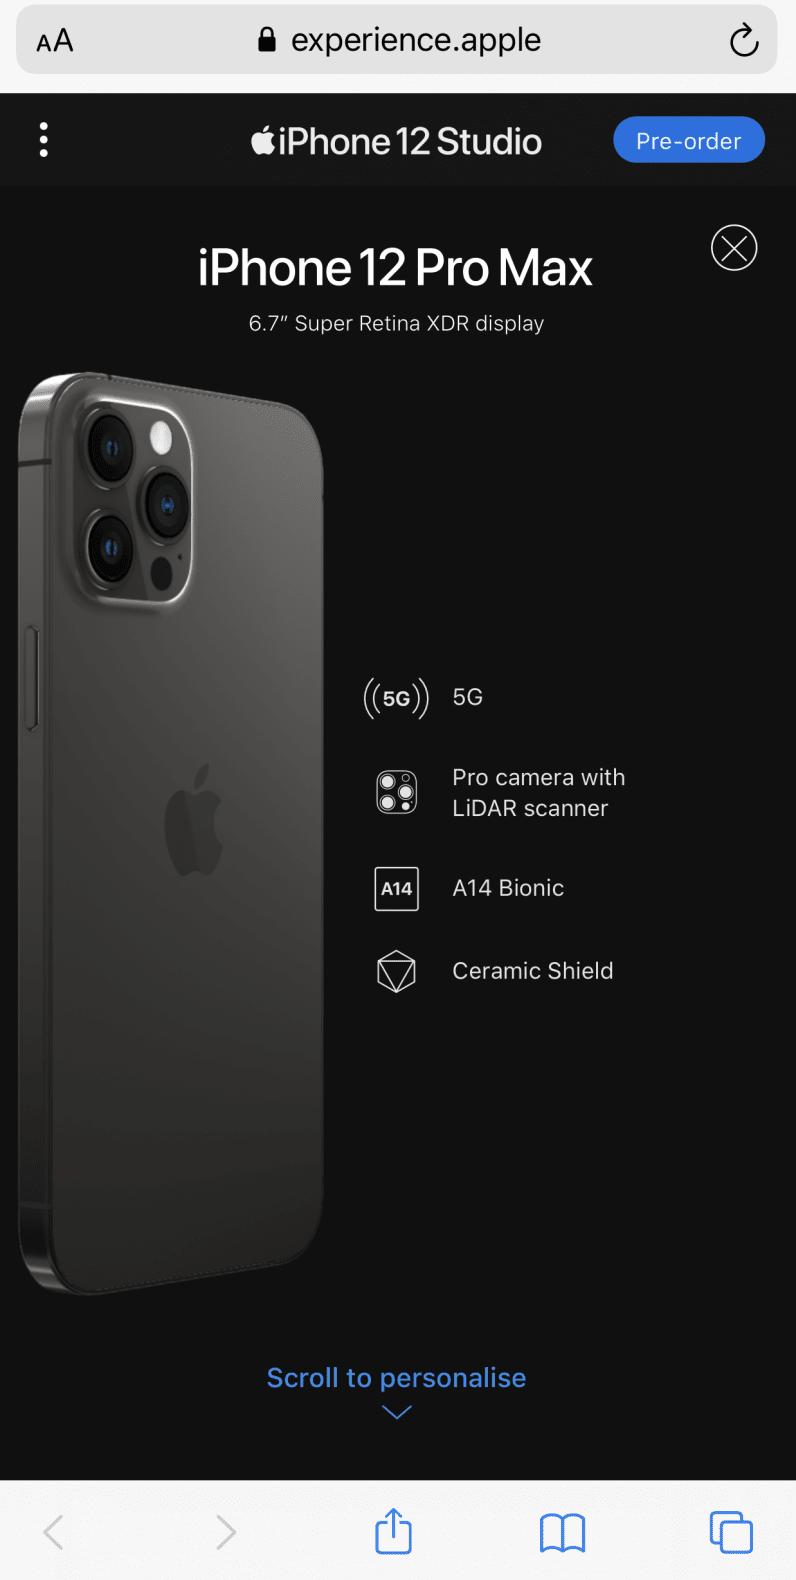 iPhone 12 studio select screen